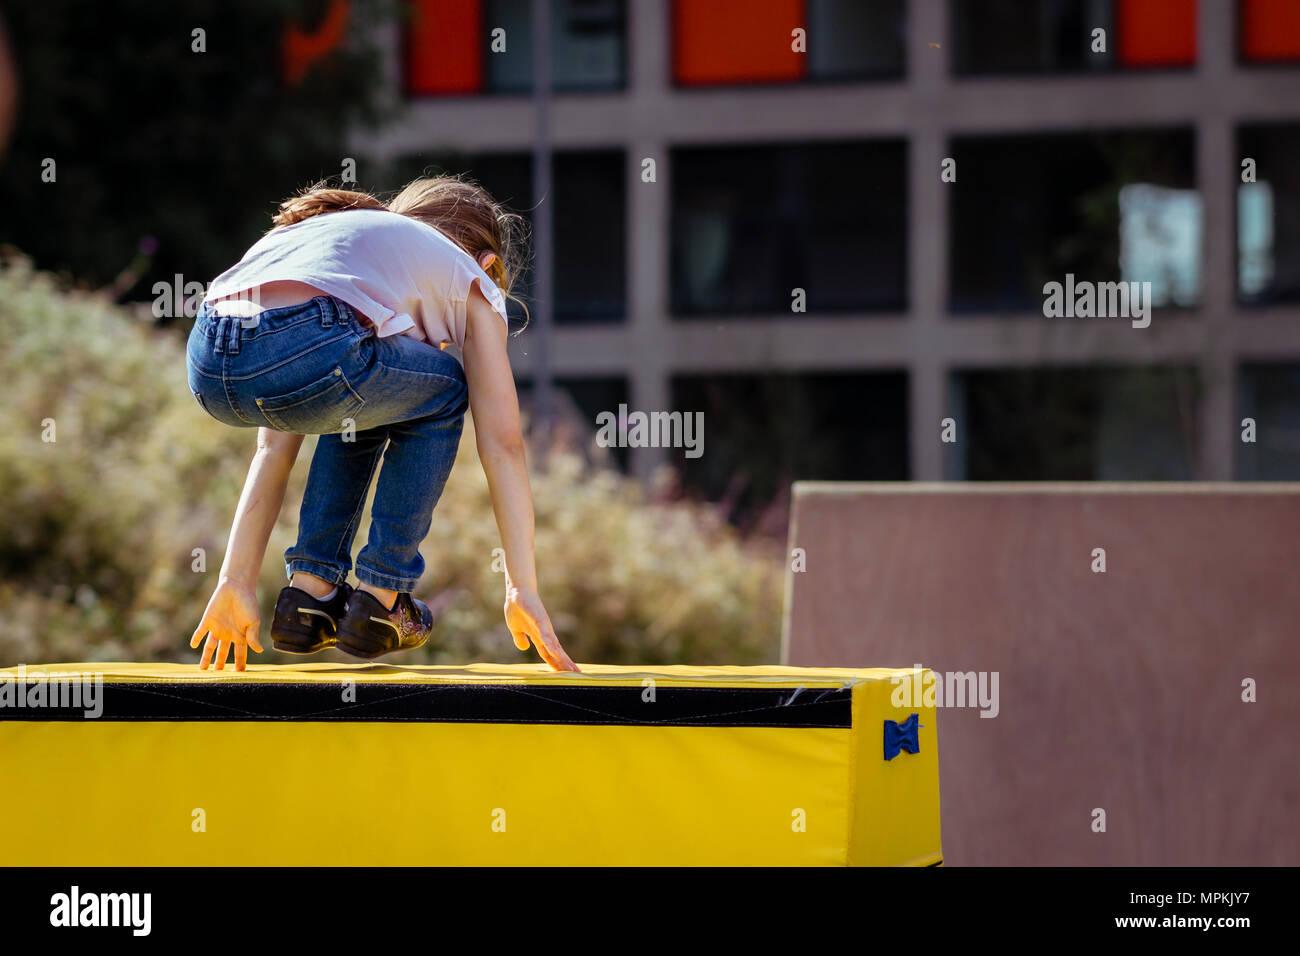 Petite fille pratique (pratique) en dehors de la gymnastique Parkour sur cheval de saut Photo Stock